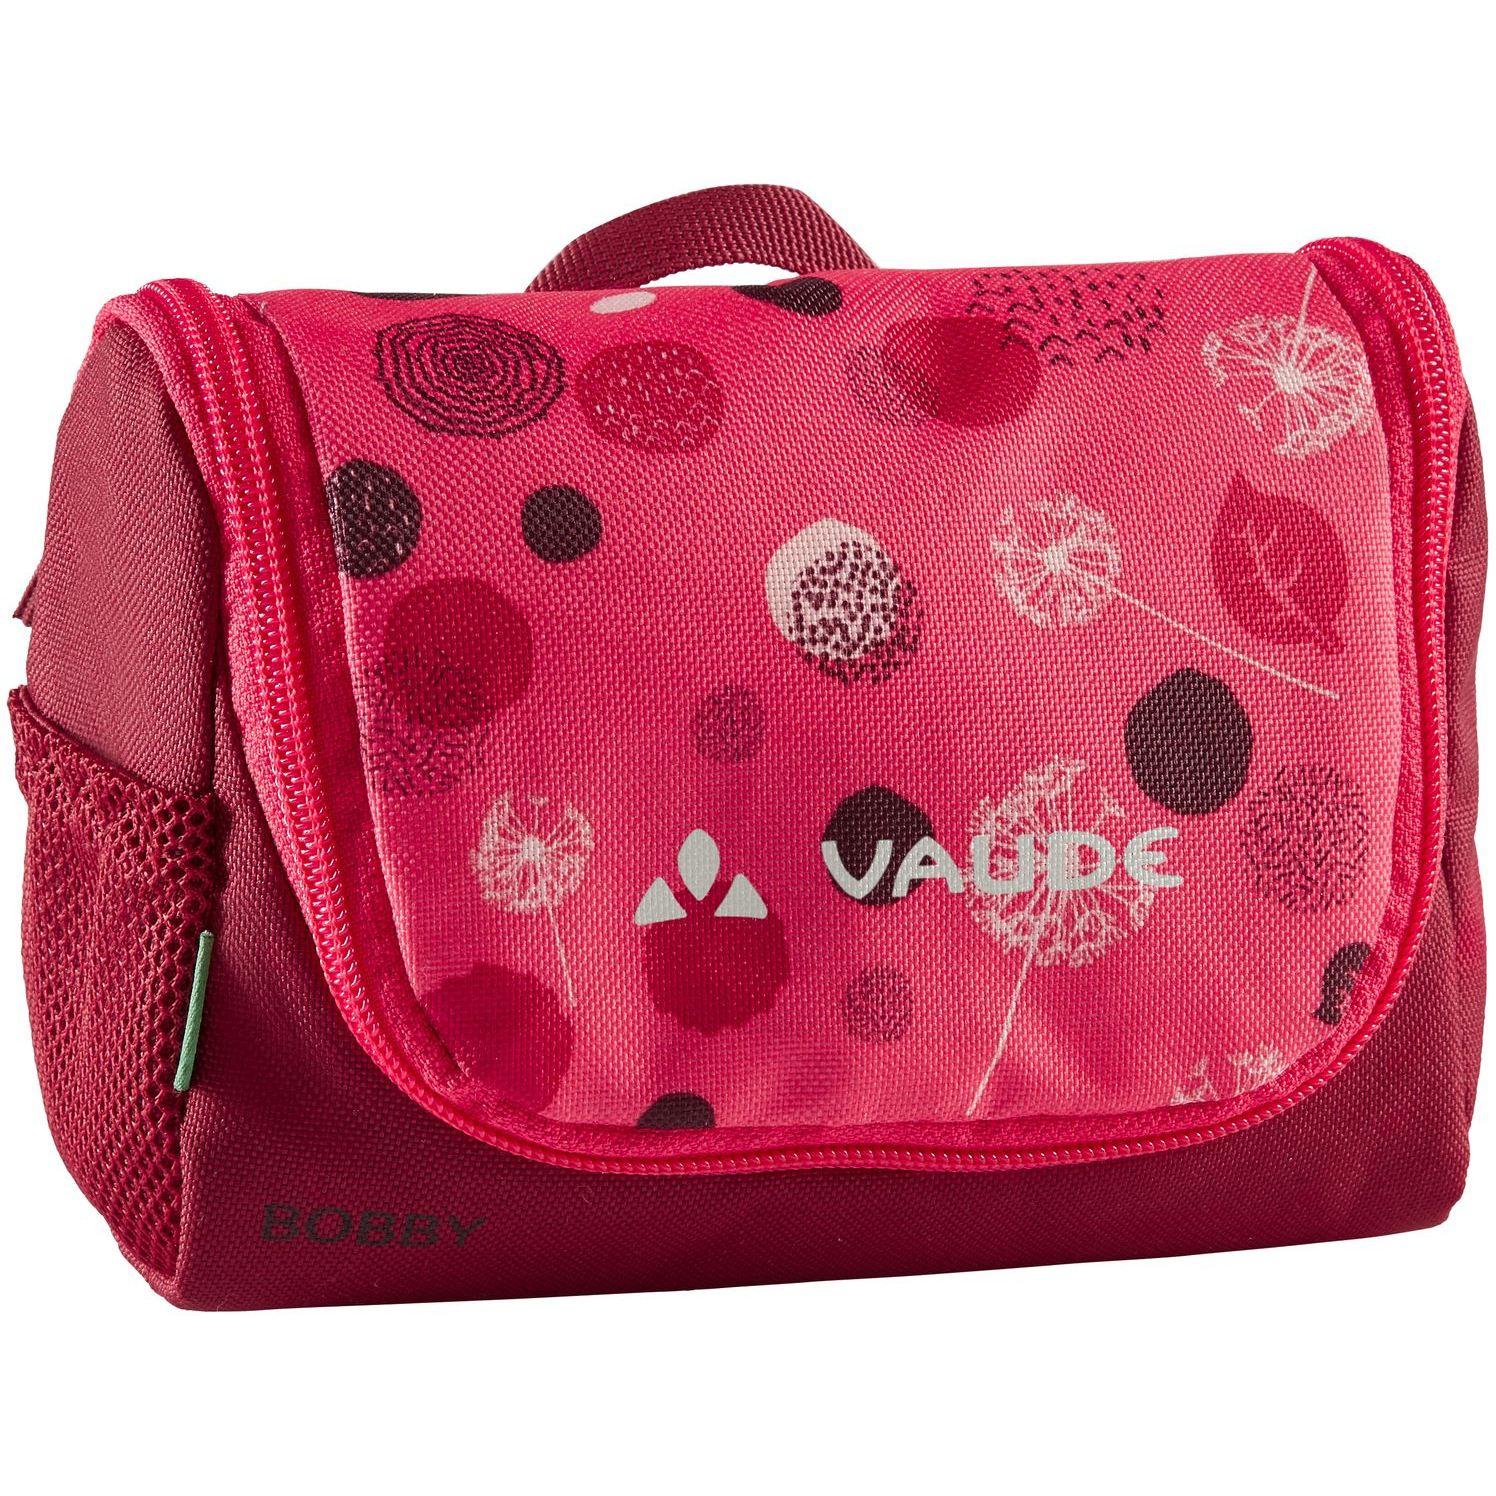 Bild von Vaude Bobby Kinder Waschtasche - bright pink/cranberry